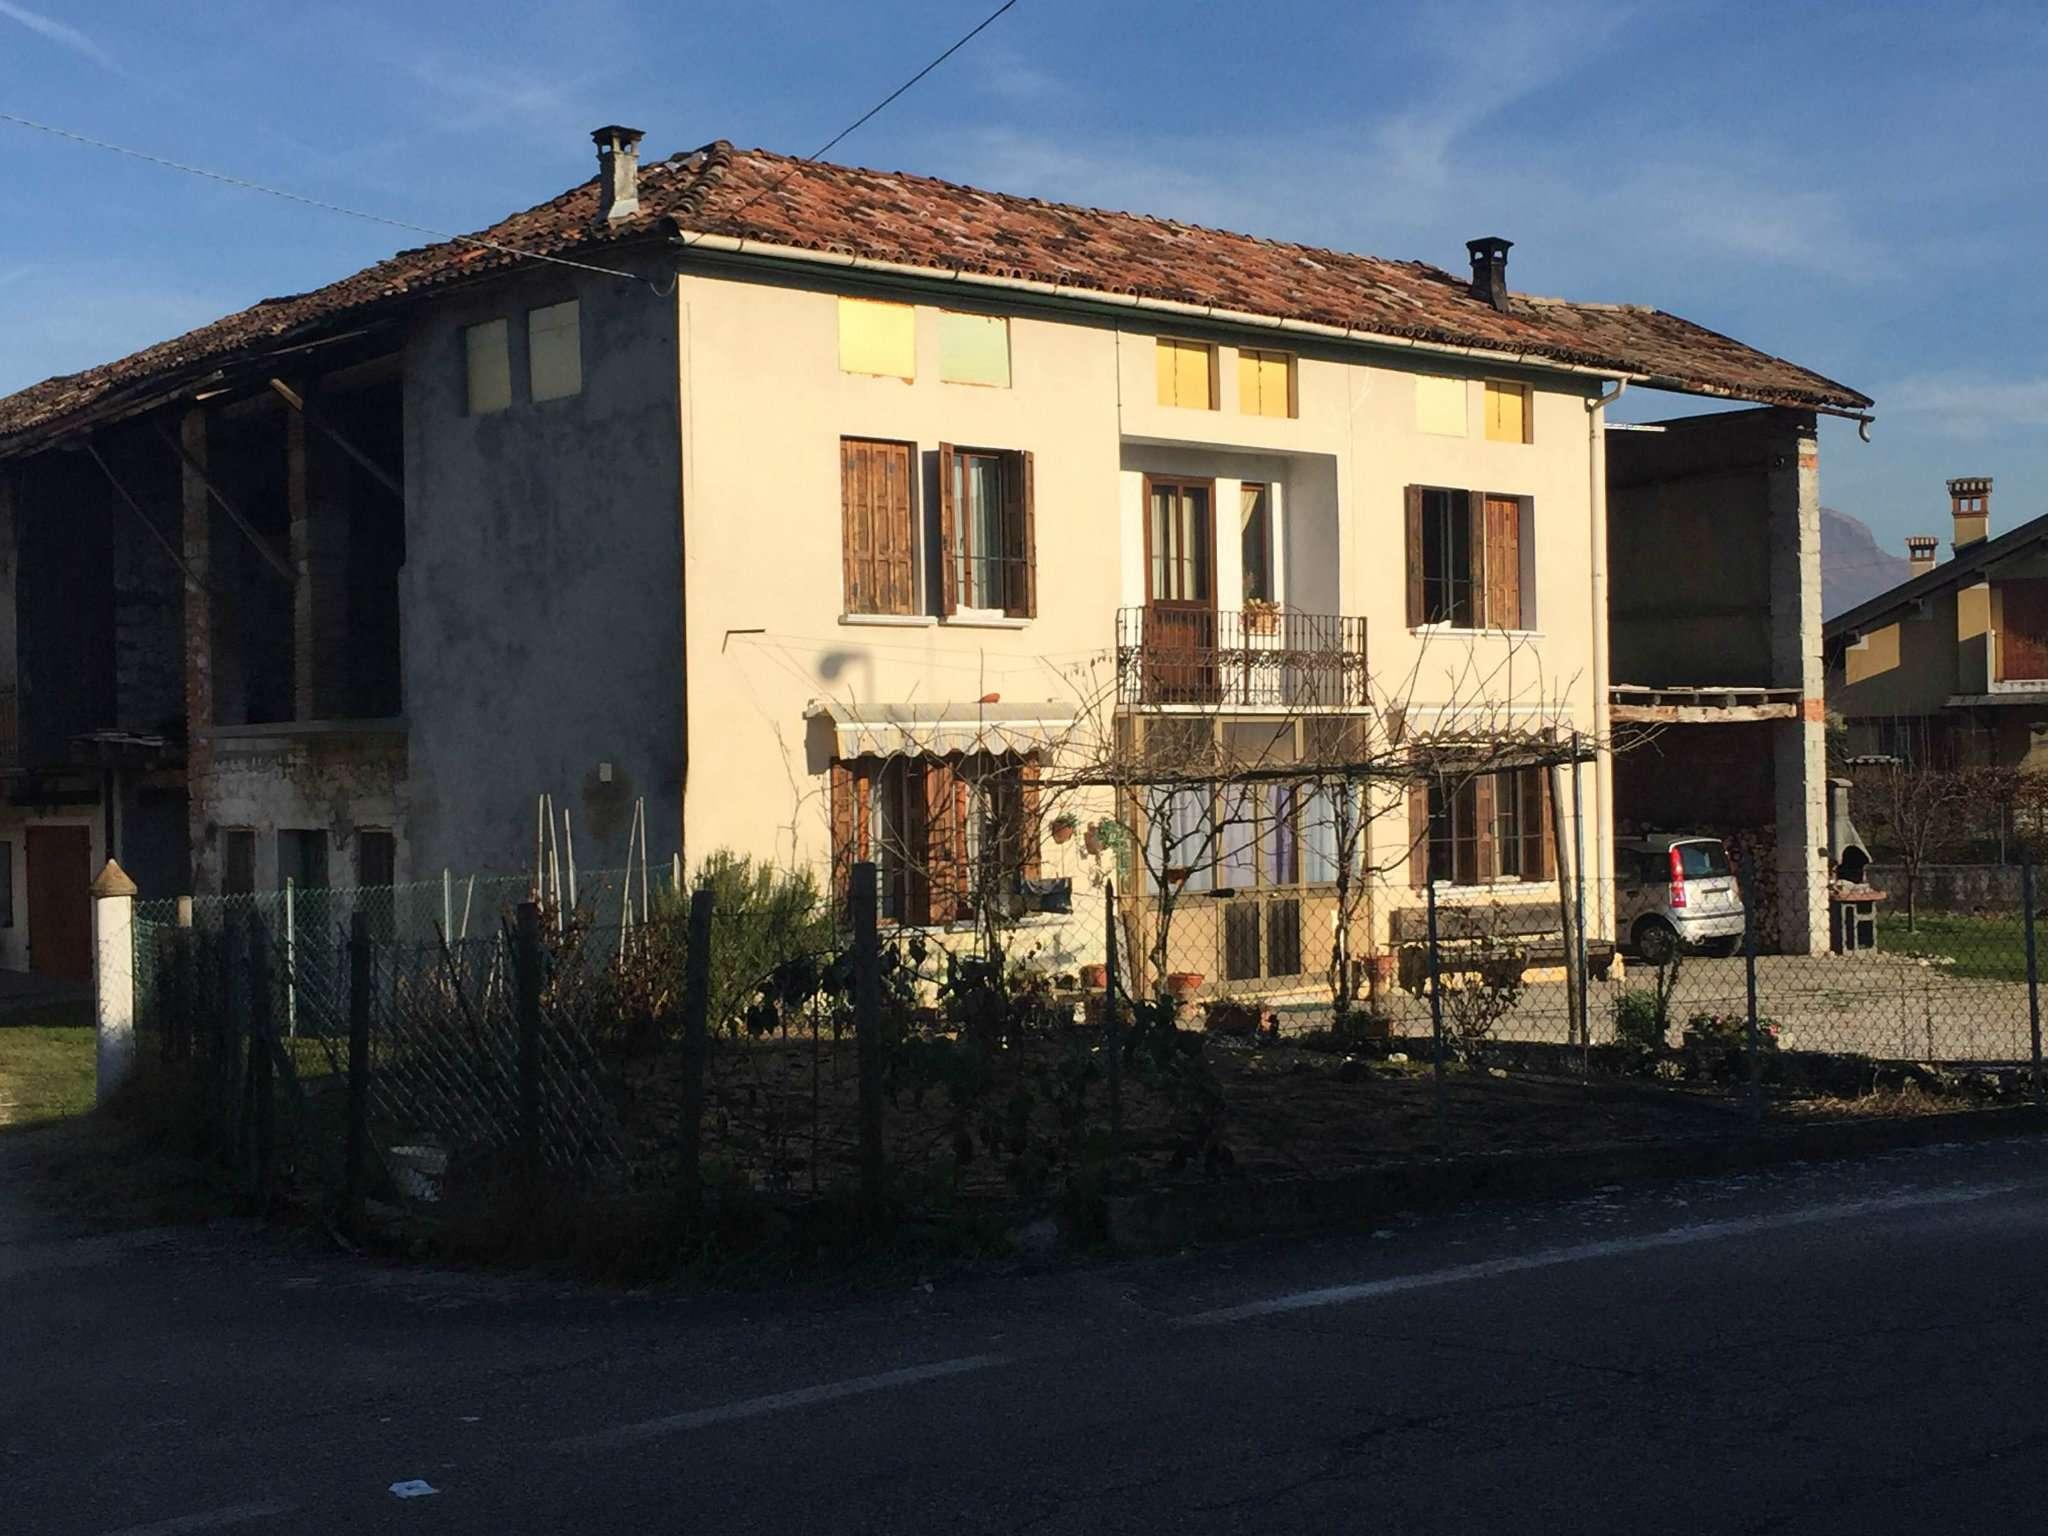 Soluzione Indipendente in vendita a Santa Giustina, 11 locali, prezzo € 118.000 | Cambio Casa.it